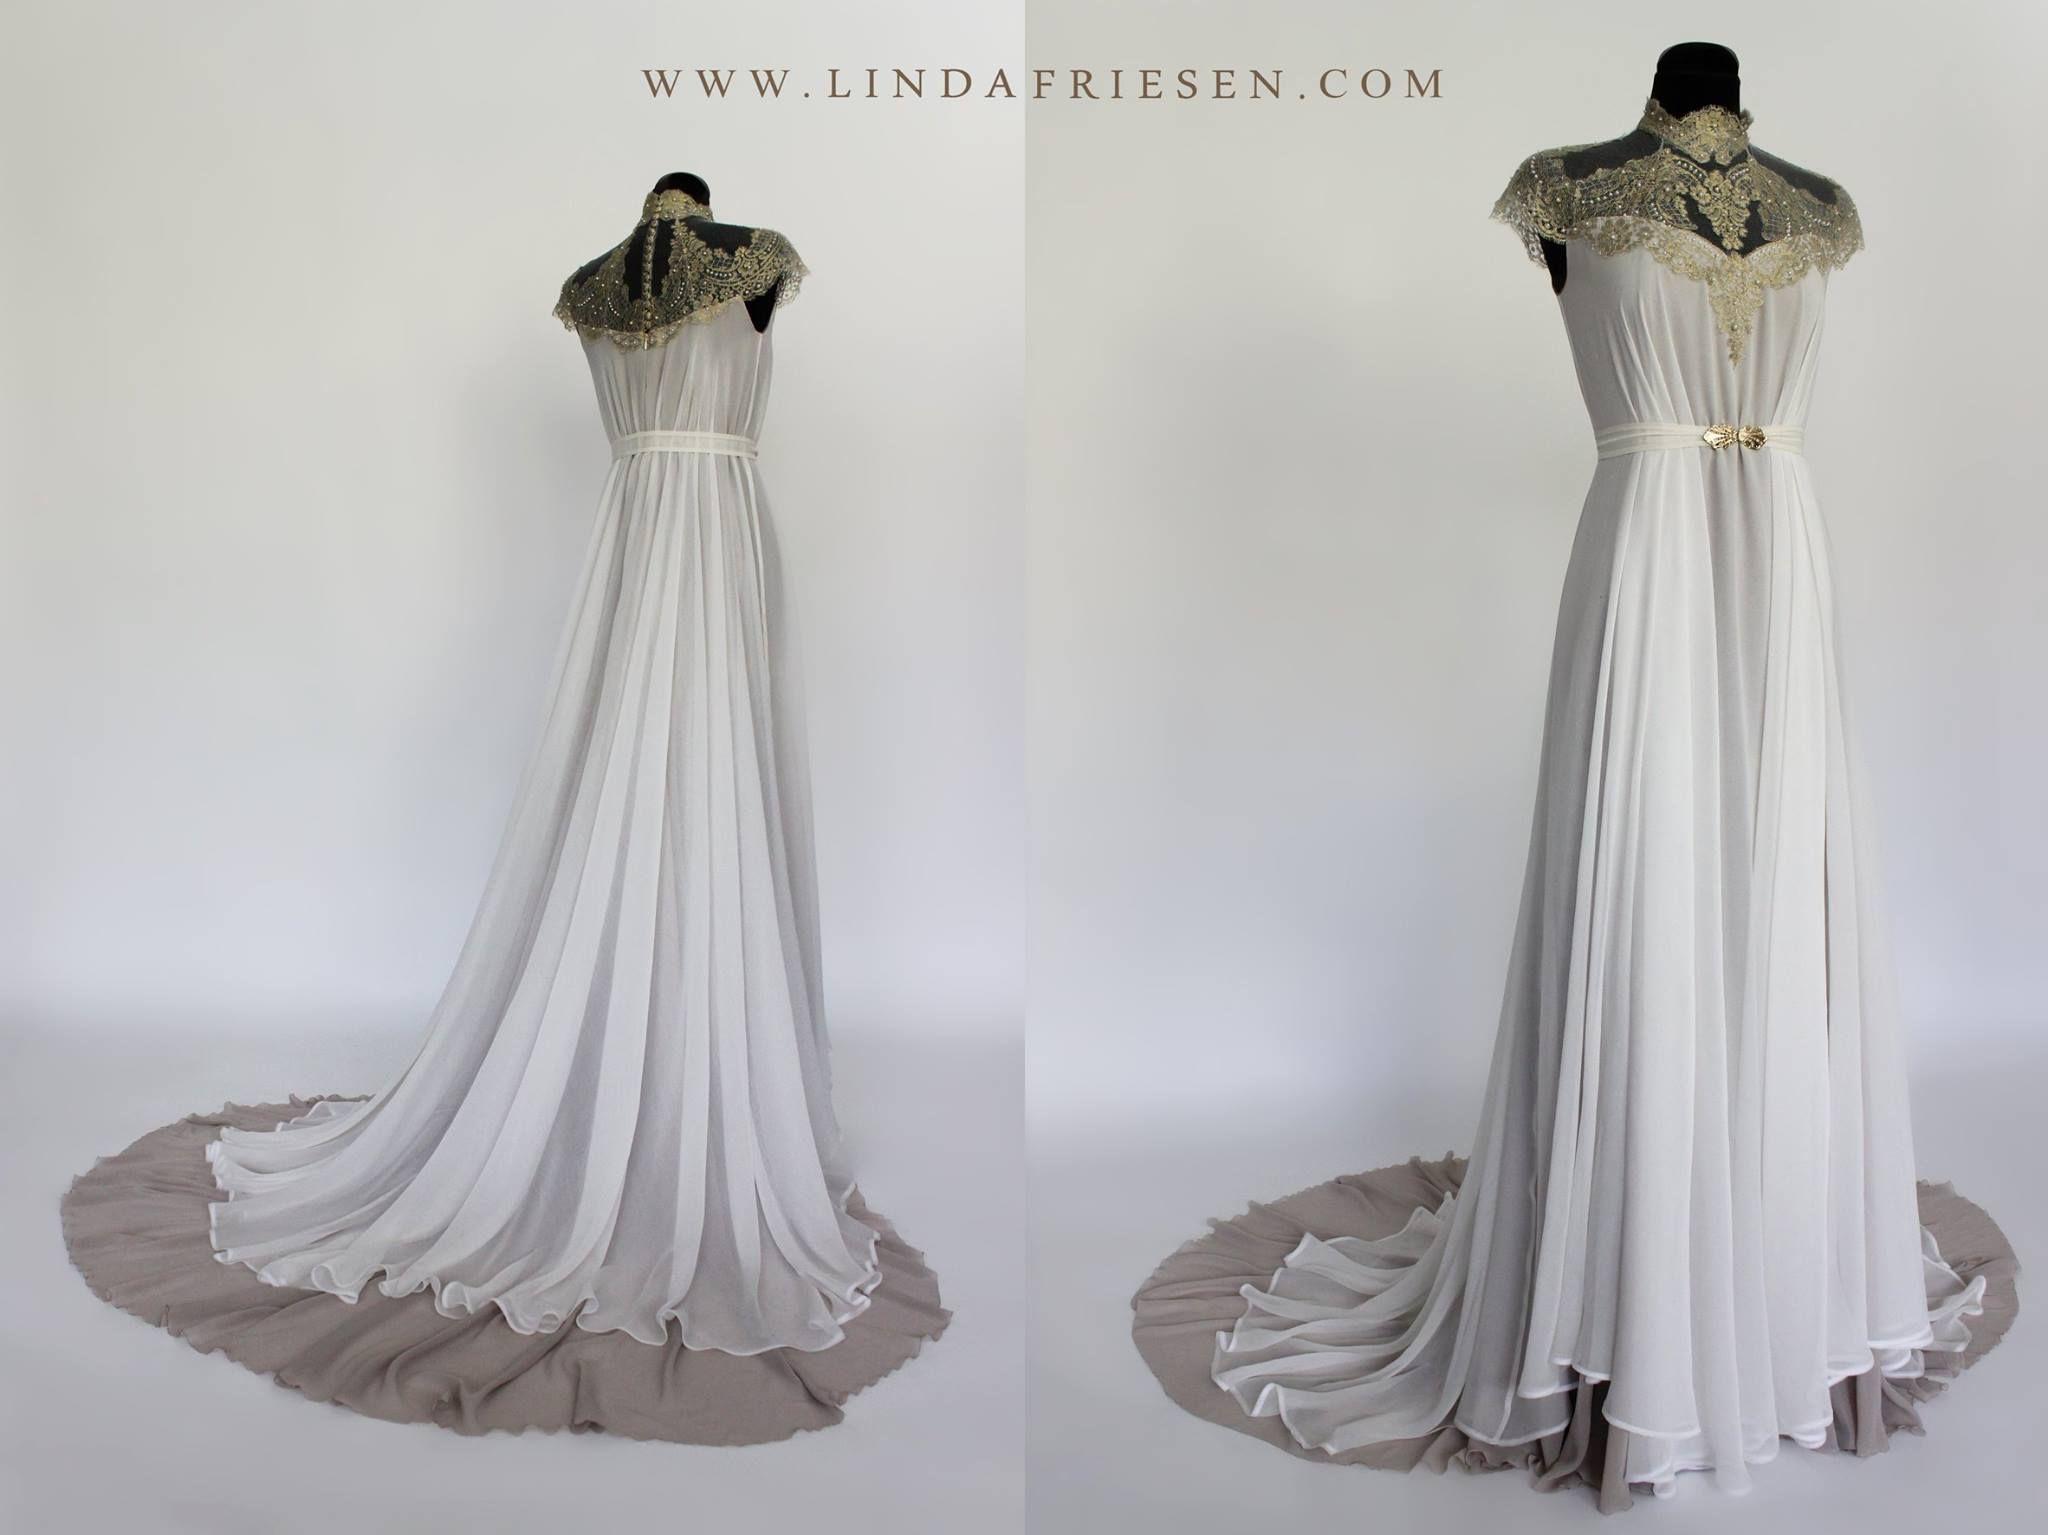 Linda Friesen 4 O Clock Art Nouveau Wedding Dress Wedding Dresses Beautiful Wedding Gowns